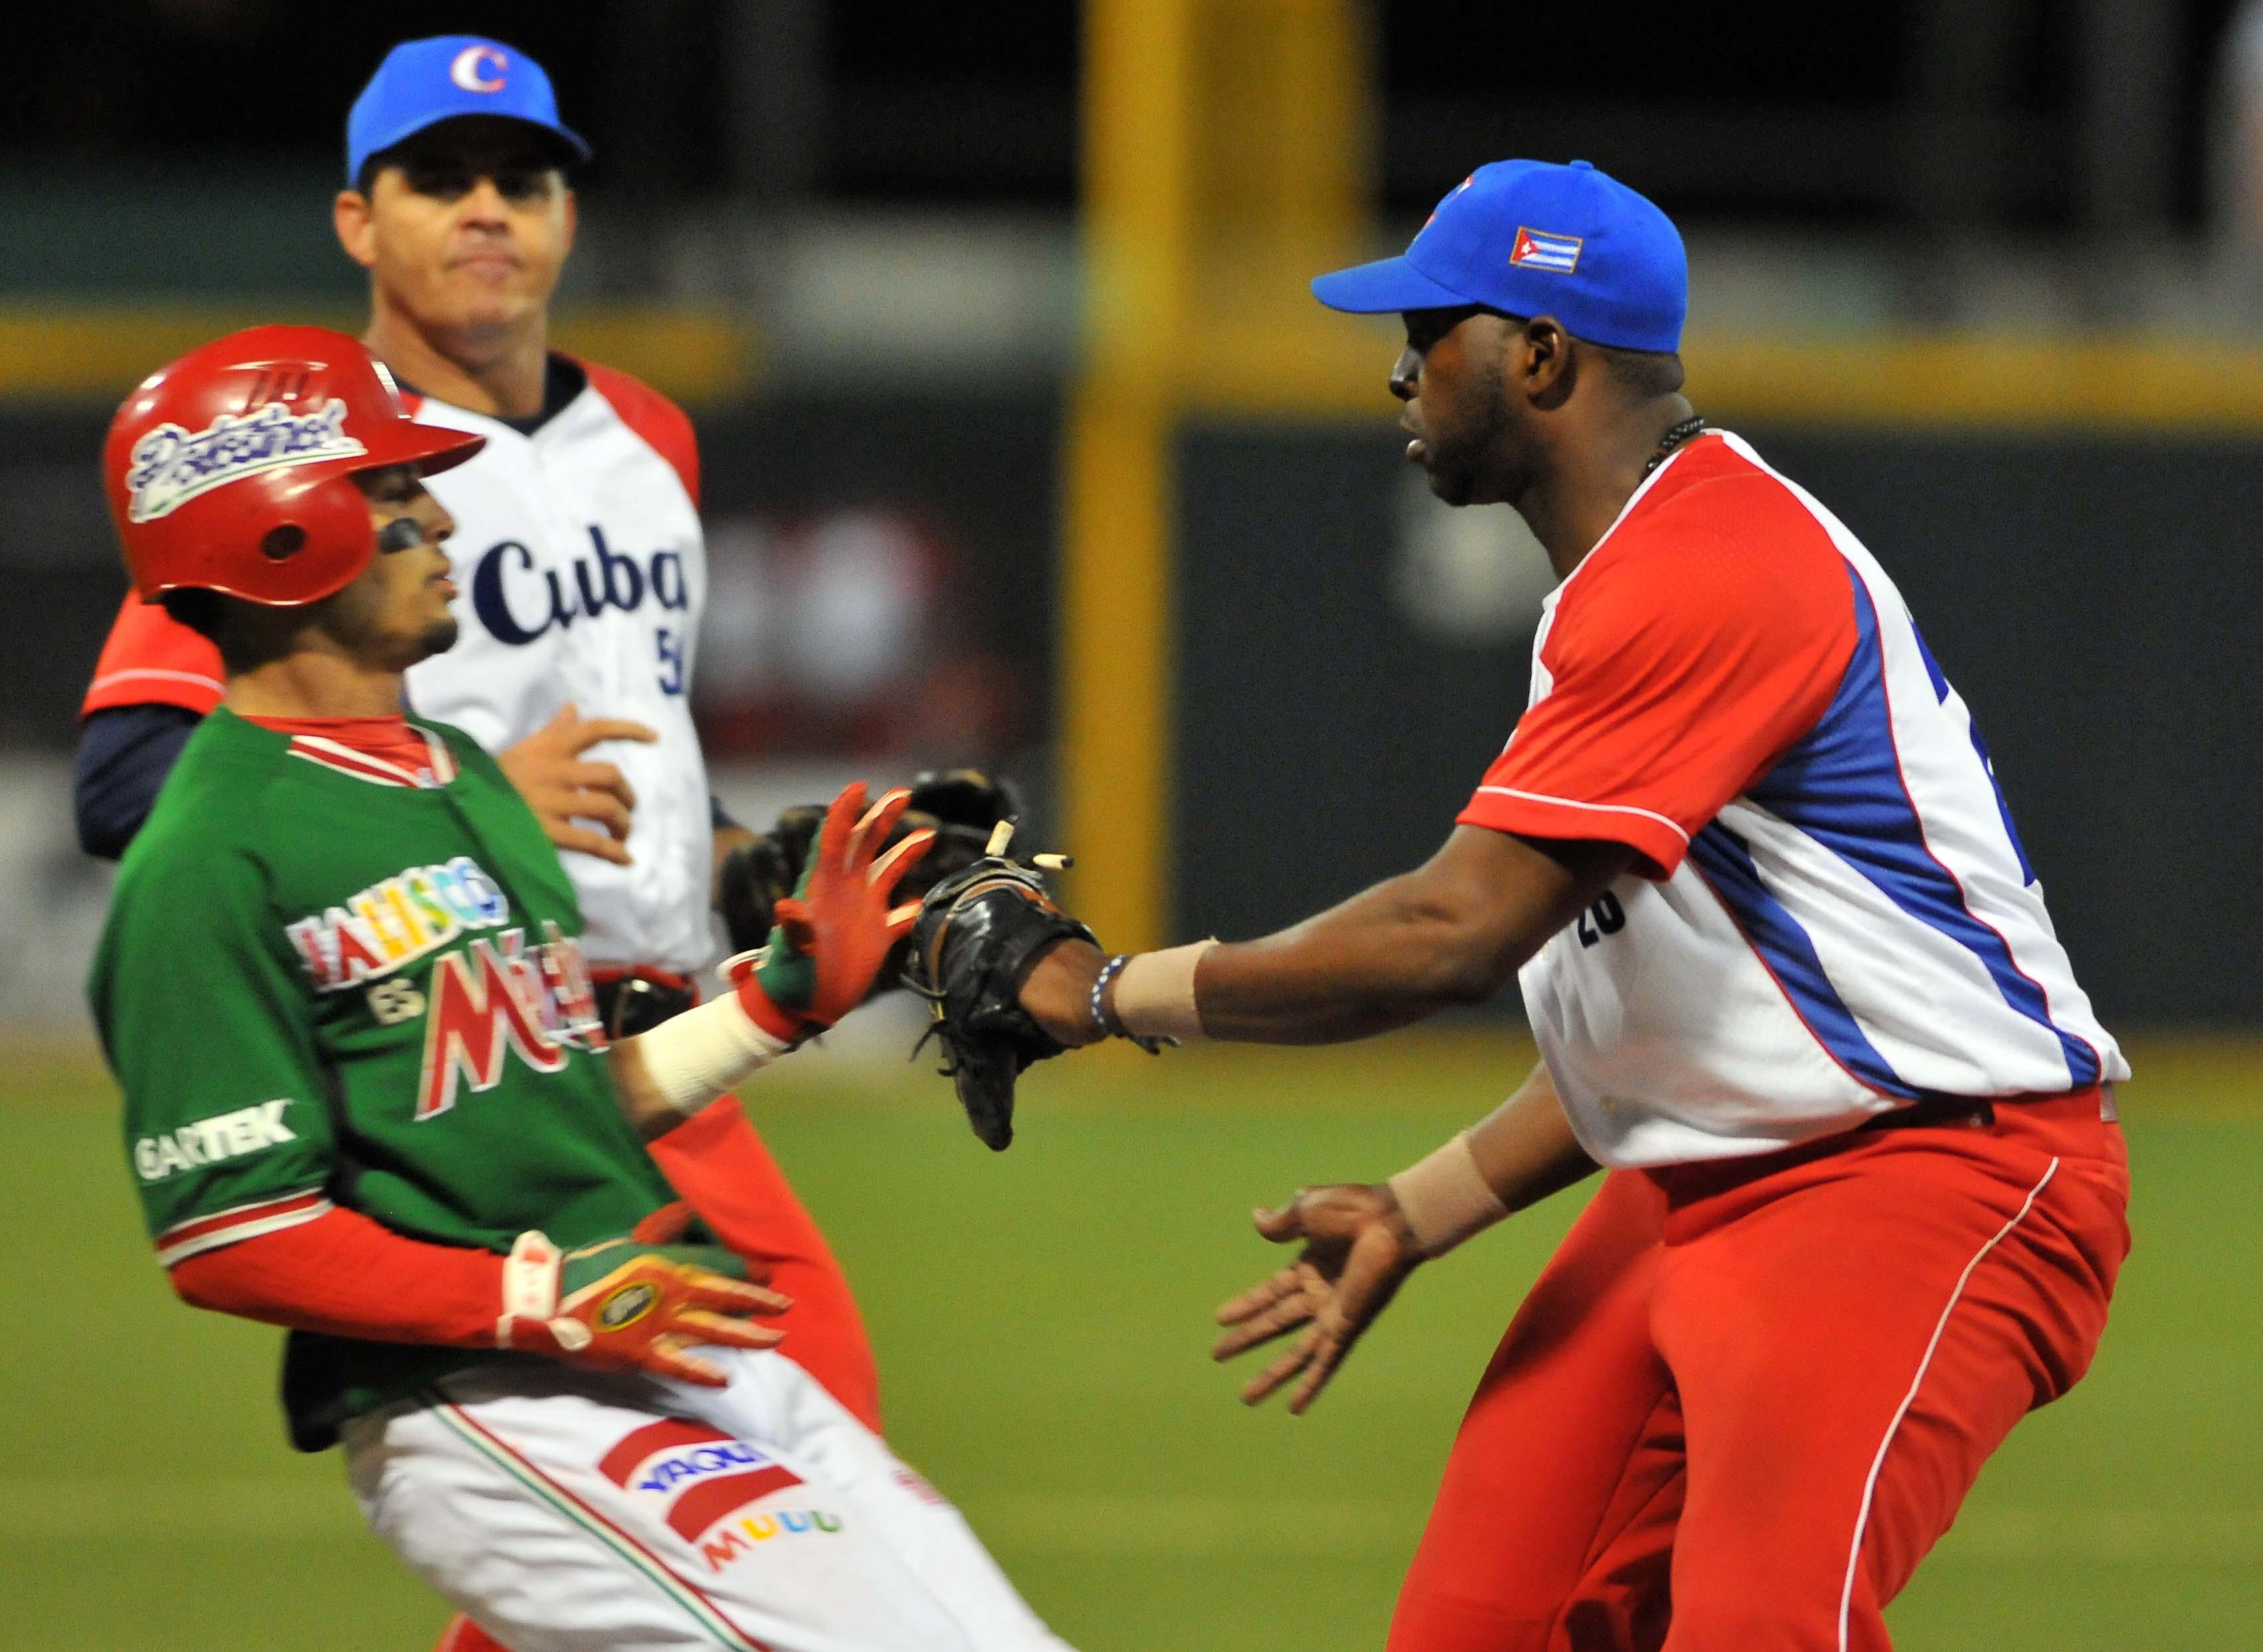 Se despide Cuba de Serie del Caribe de Béisbol